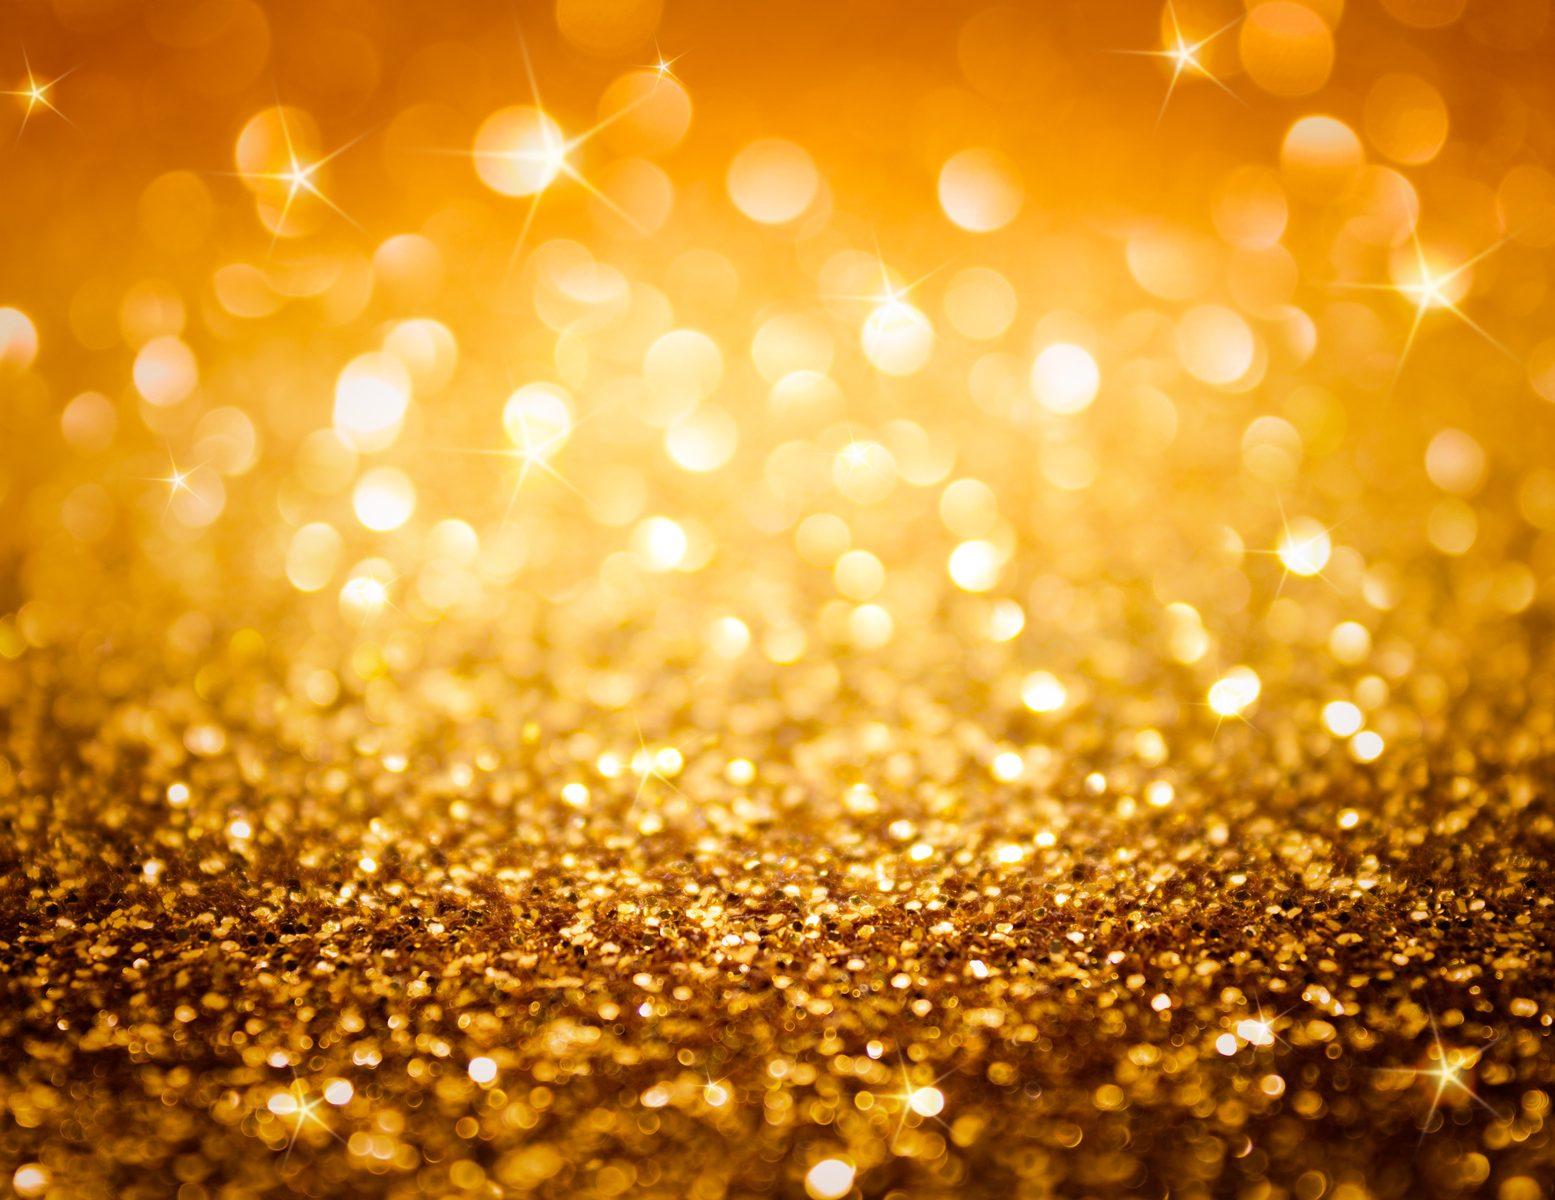 Daten - das Gold der Zukunft?